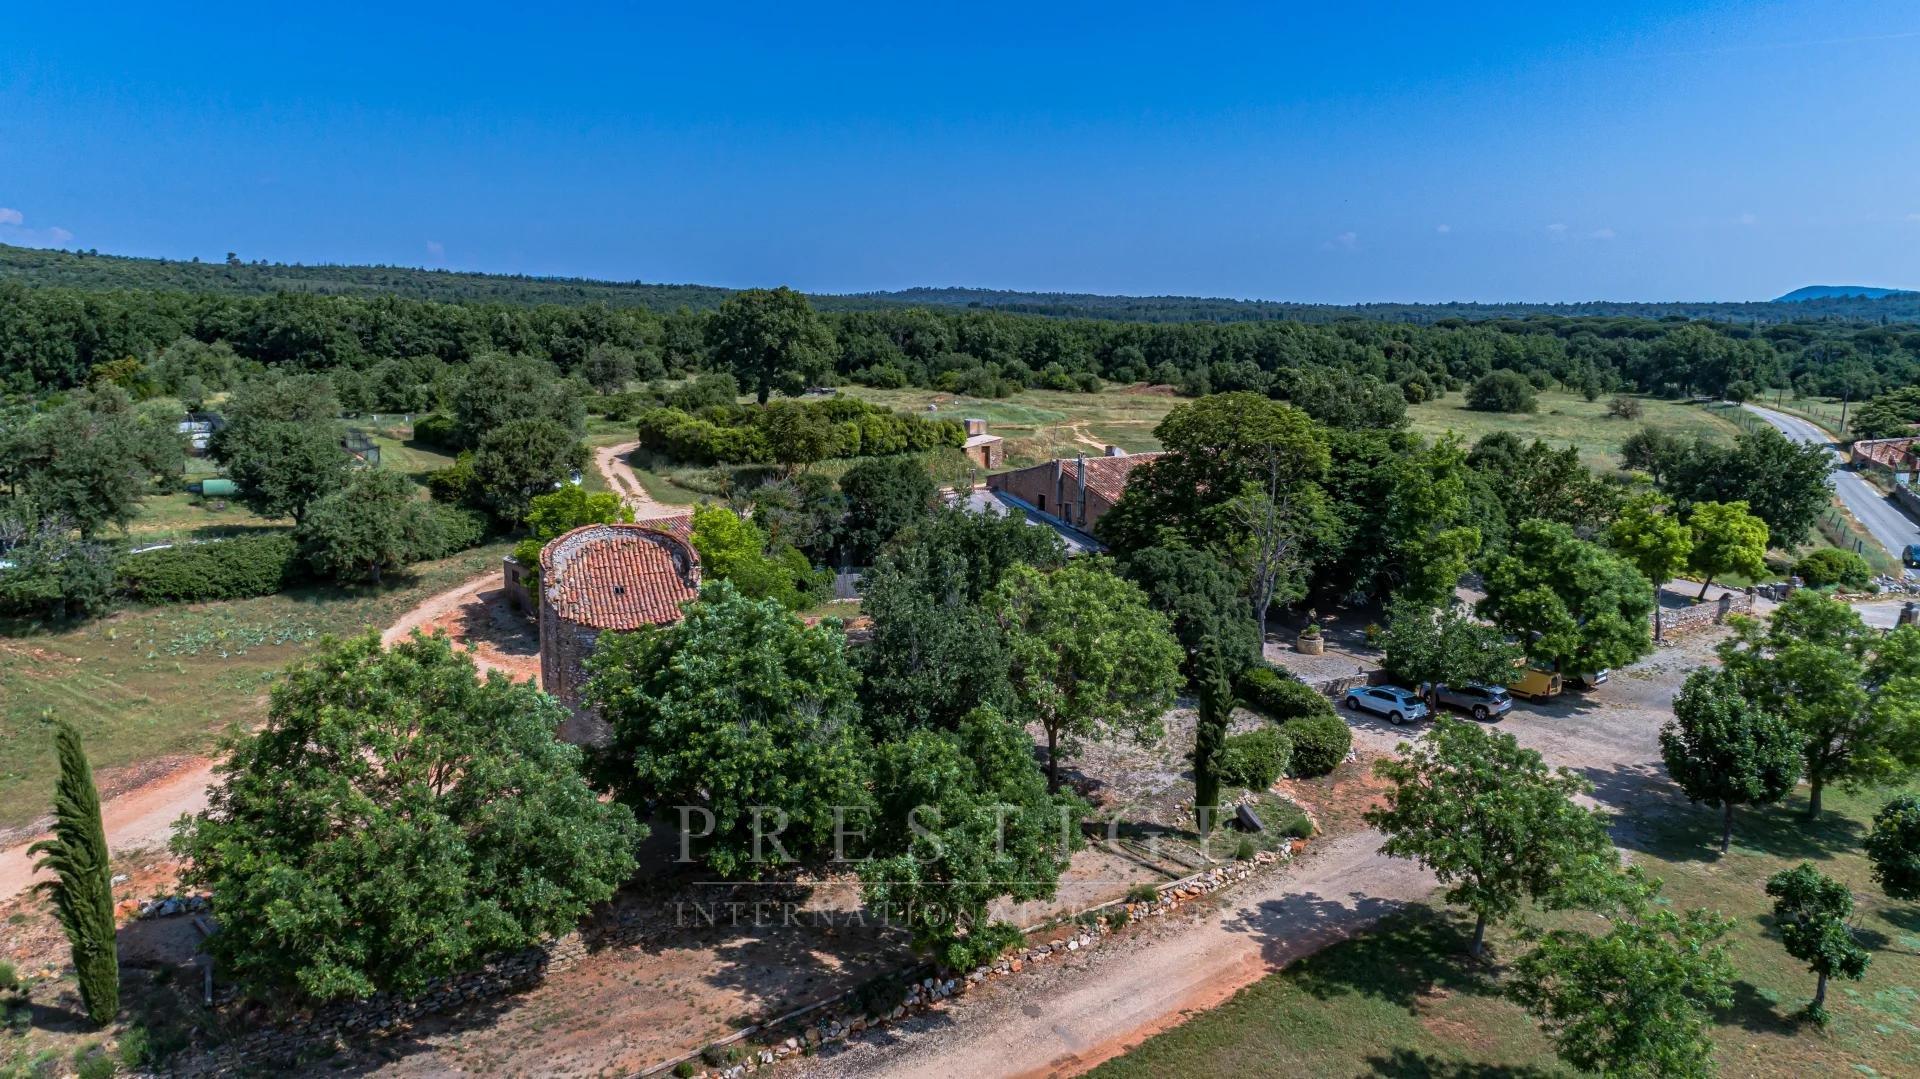 Domaine de 170 hectares à Rians avec 840 m² de bâti